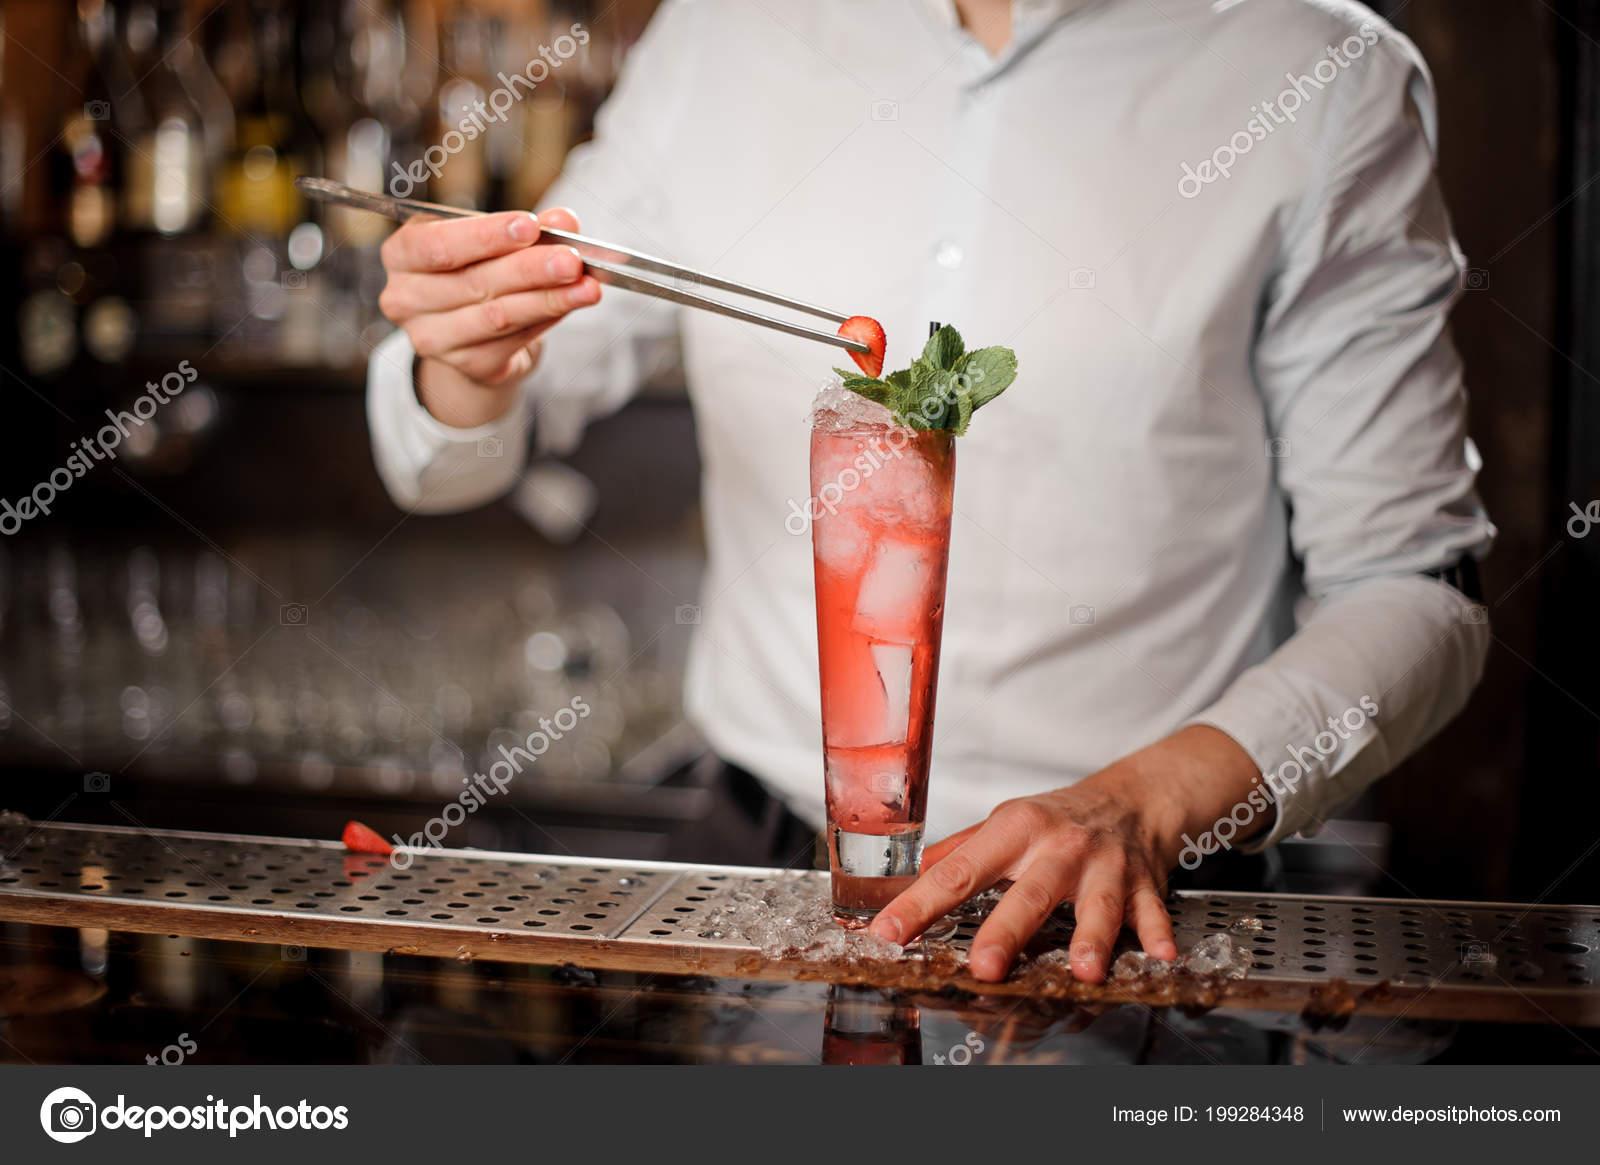 Professionelle Barkeeper Hinzufügen Die Erdbeere Einem Köstlichen